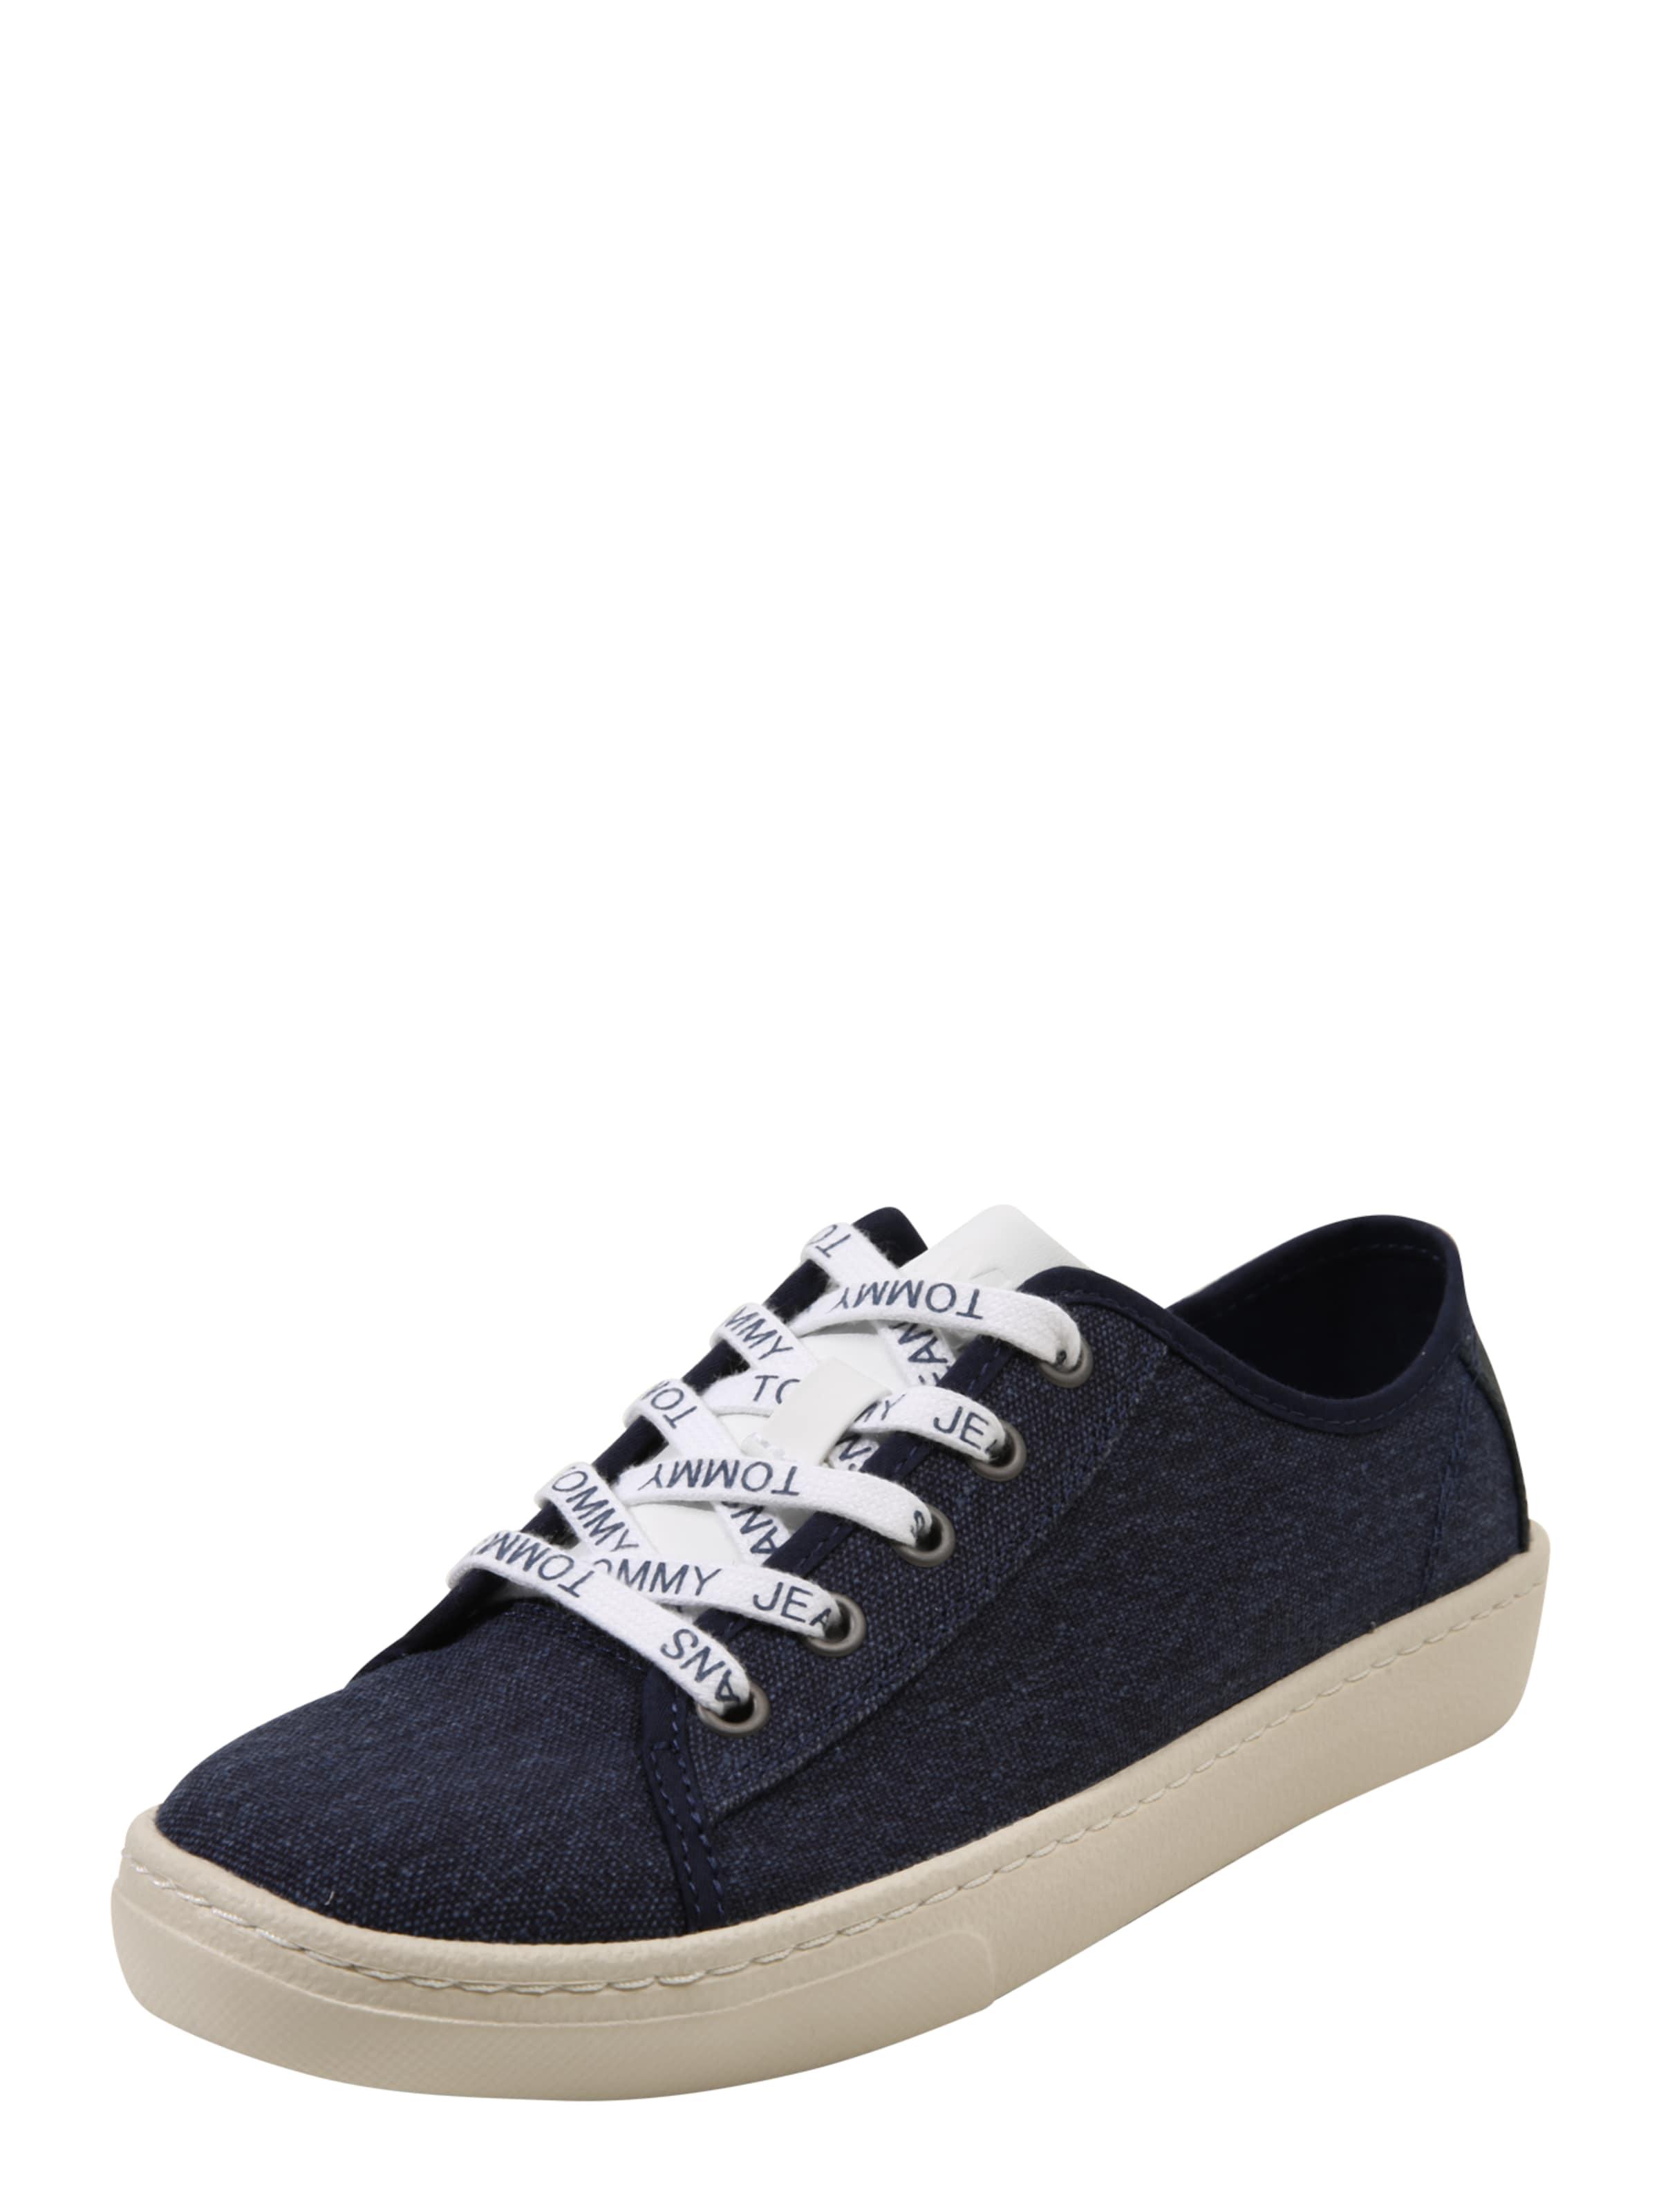 Tommy Jeans Sneaker Low Verschleißfeste billige Schuhe